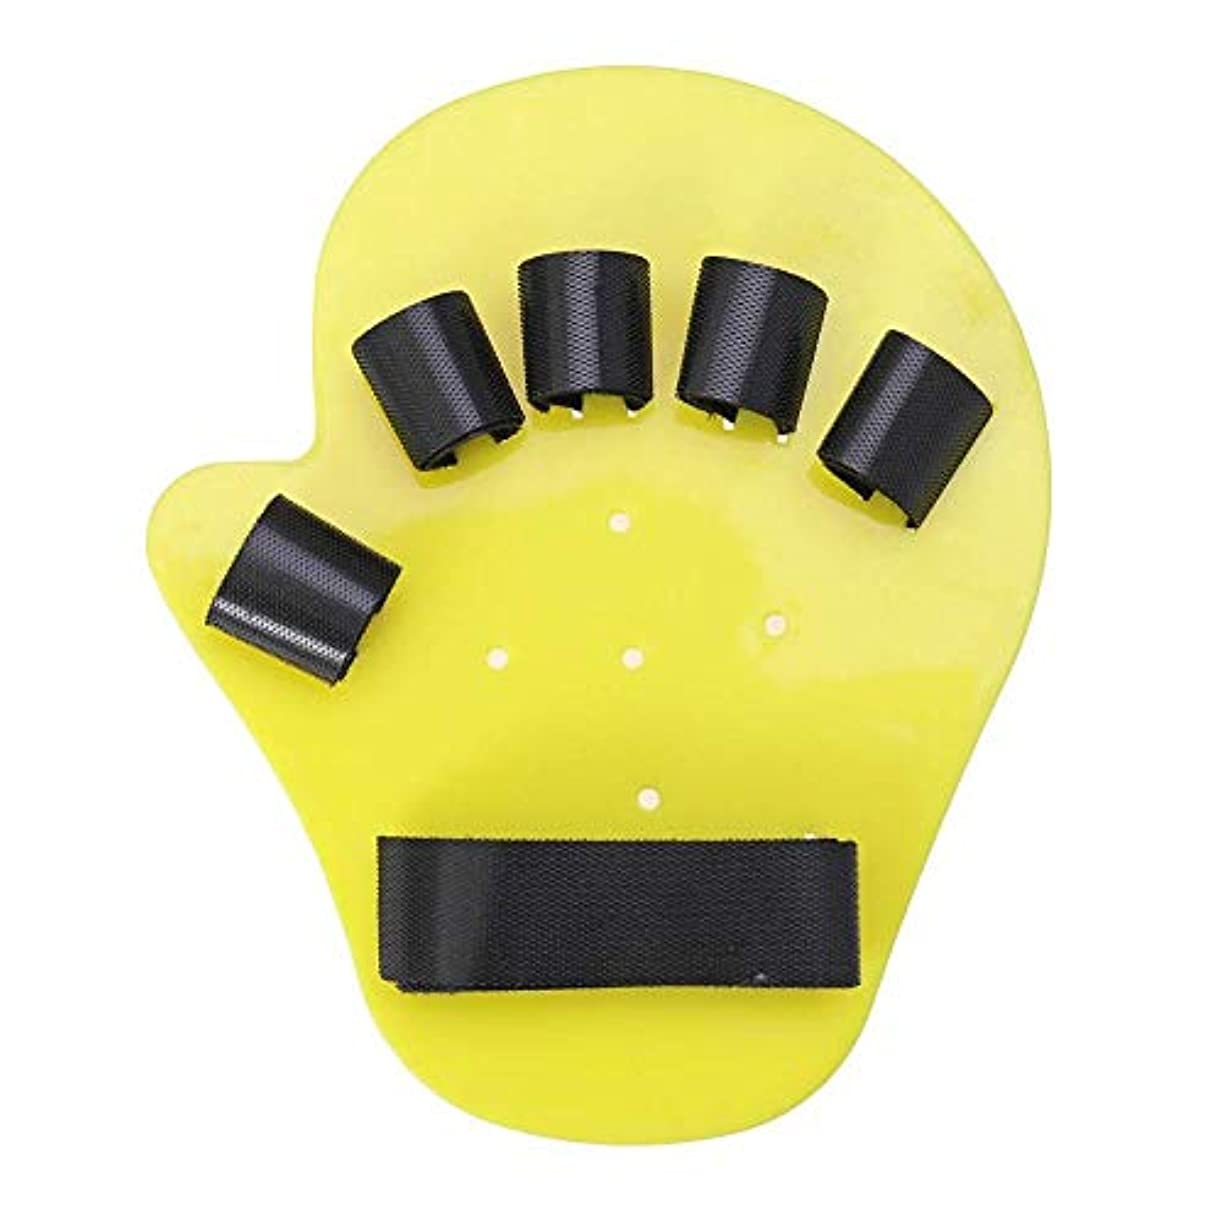 何よりもビジョン残り物指の添え木は指をまっすぐにし、トリガージョイント保護用の調整可能な指の添え木指緩衝カフの炎症治療,LeftHand